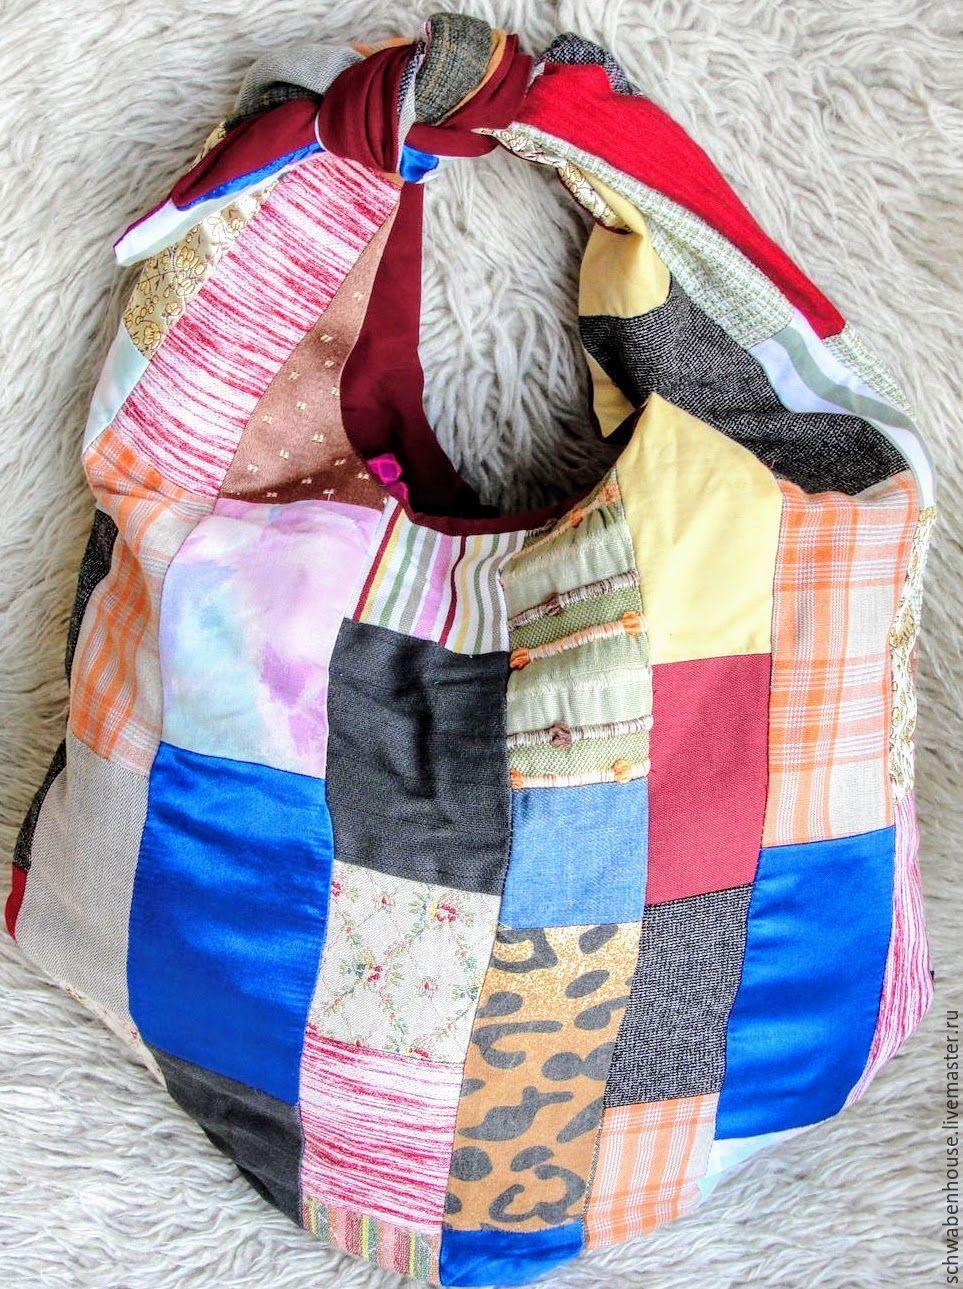 67b7b939097d Женские сумки ручной работы. Ярмарка Мастеров - ручная работа. Купить сумка  из лоскутков.